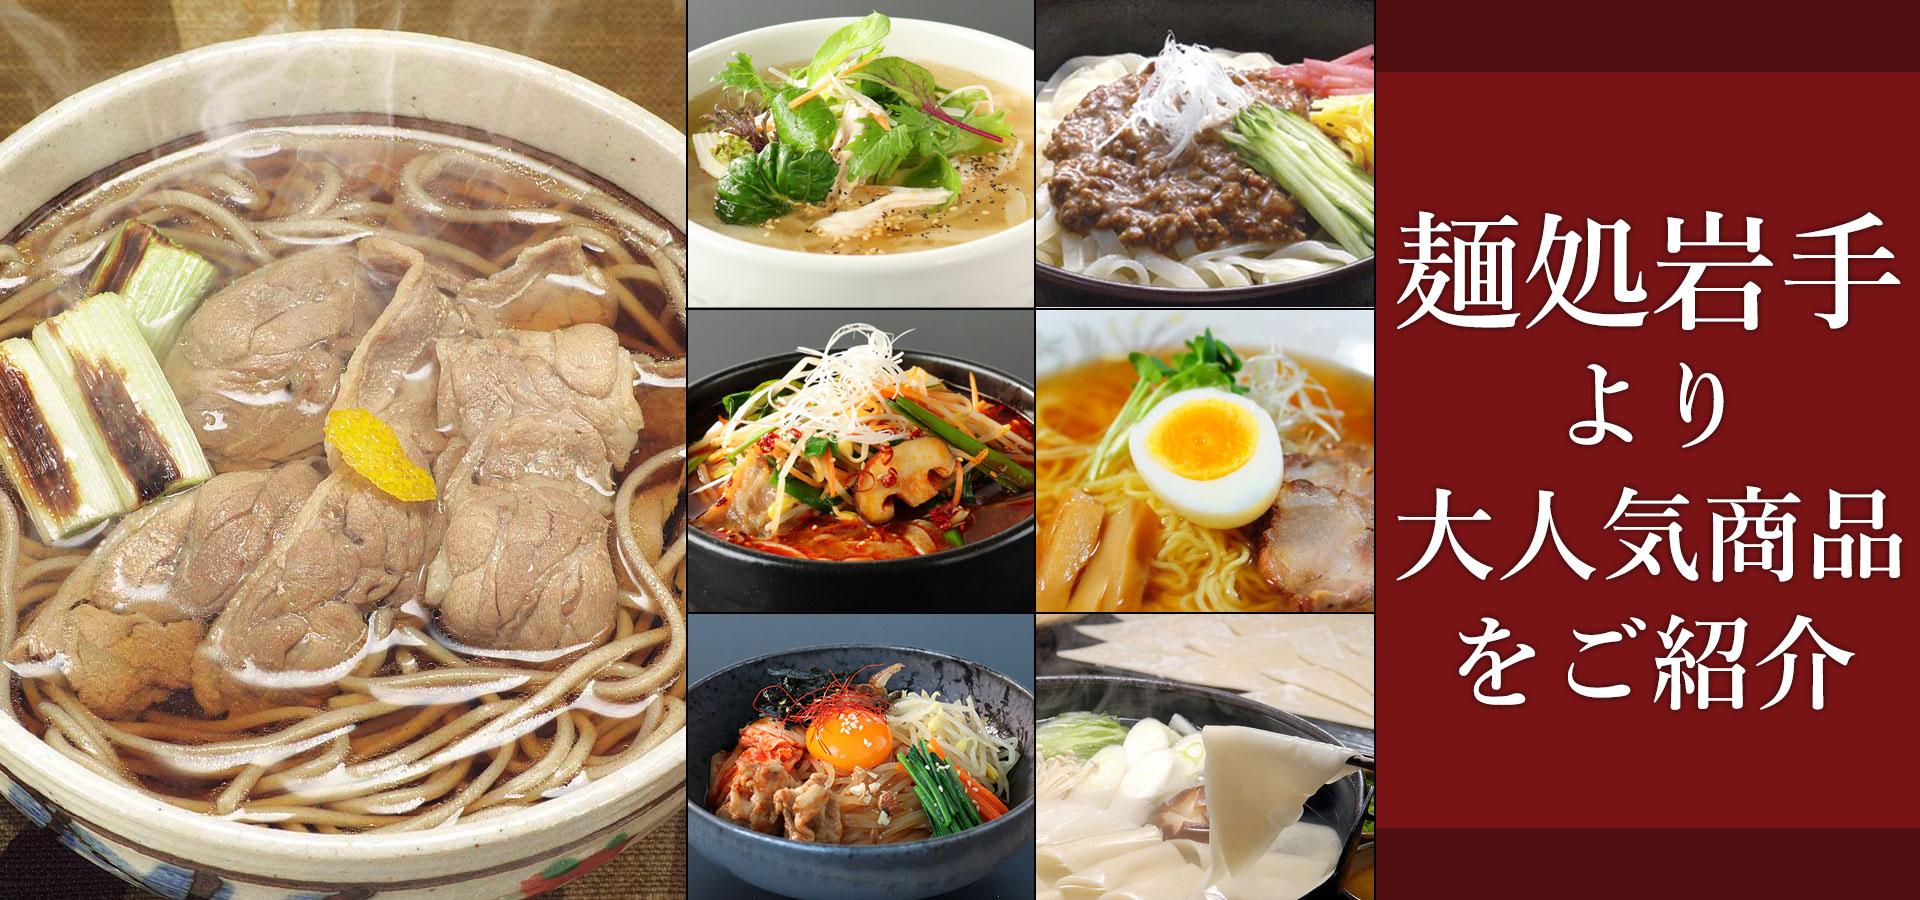 麺処岩手より大人気の盛岡冷麺やじゃじゃ麺など本場の美味しい麺をご紹介